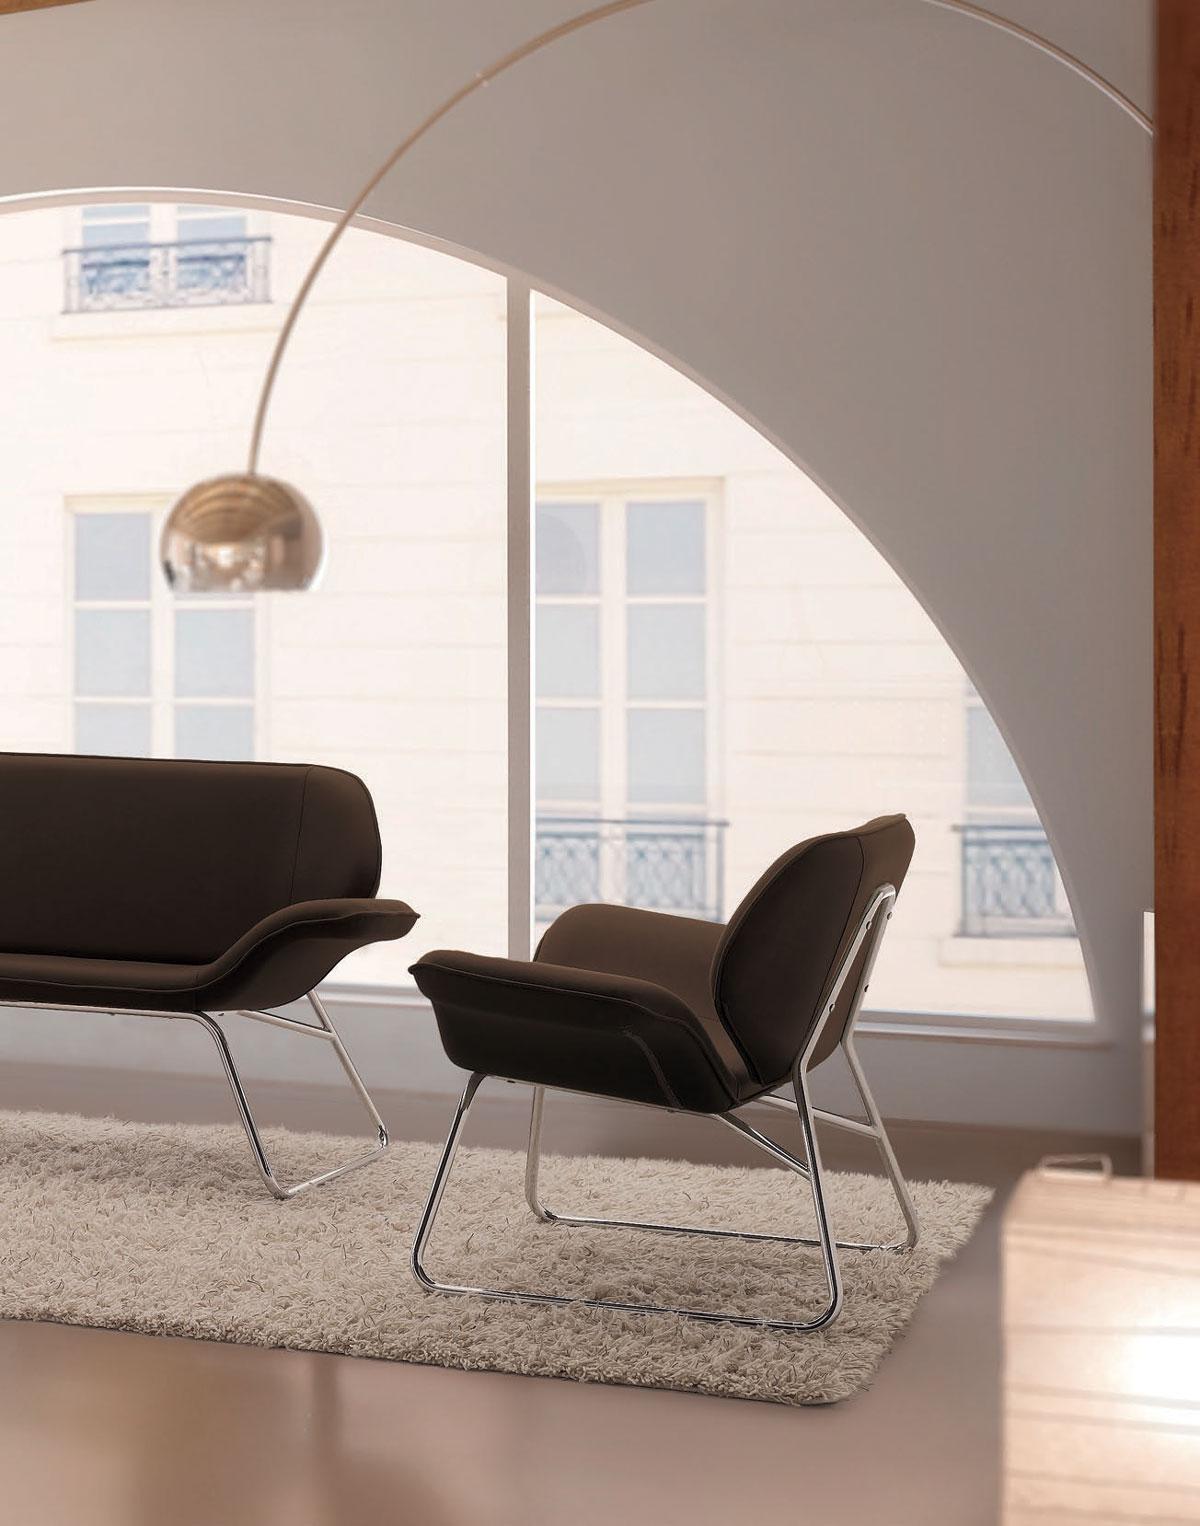 Sedute attesa riunioni design arredo in stile napoli for Design ufficio napoli